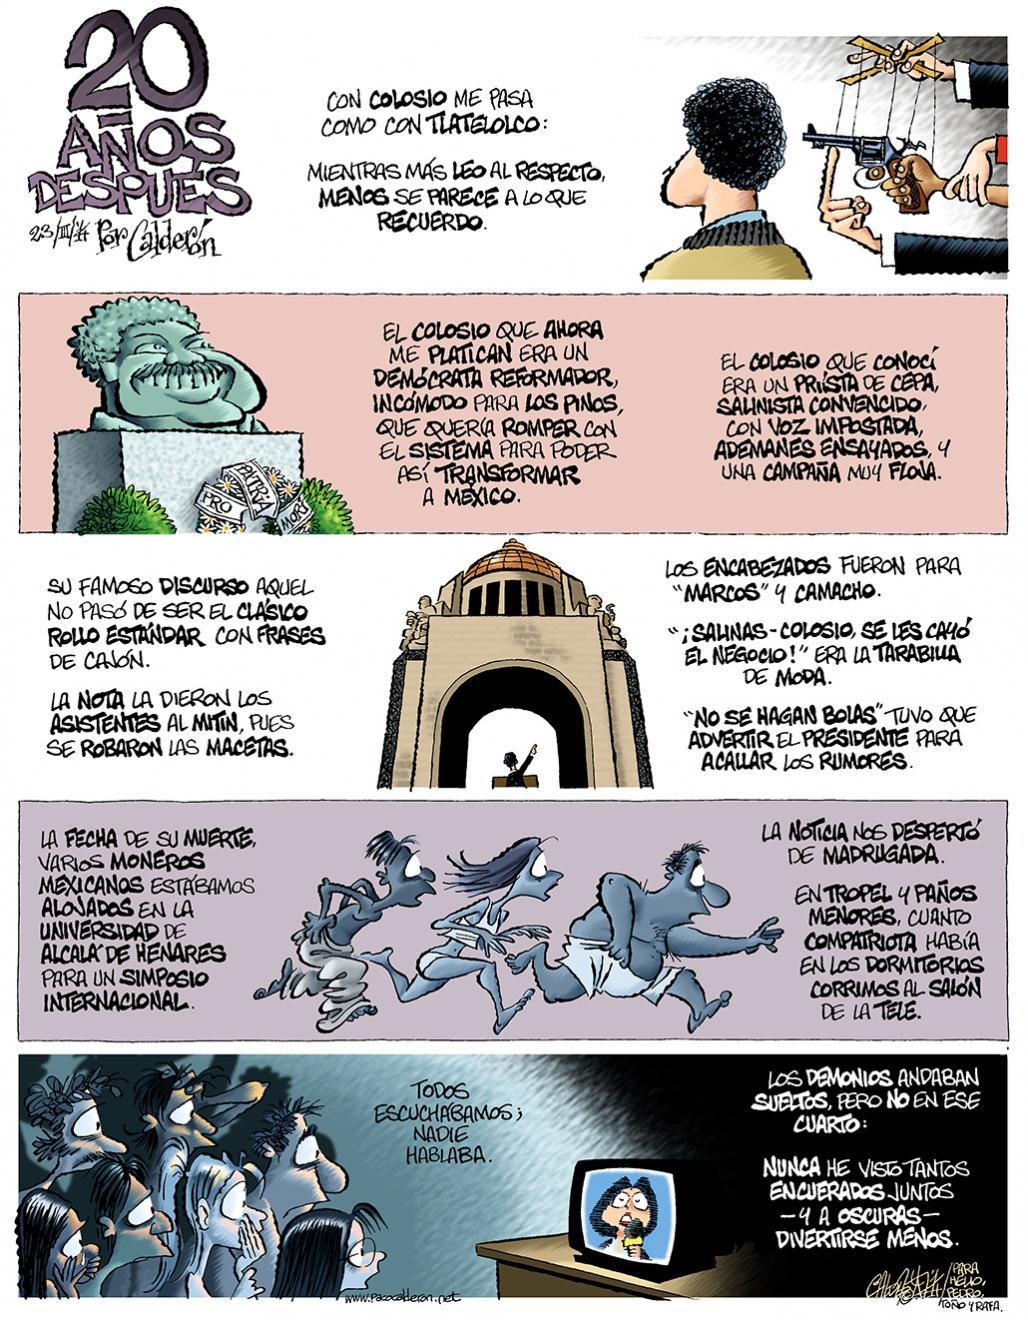 20 años después - Calderón